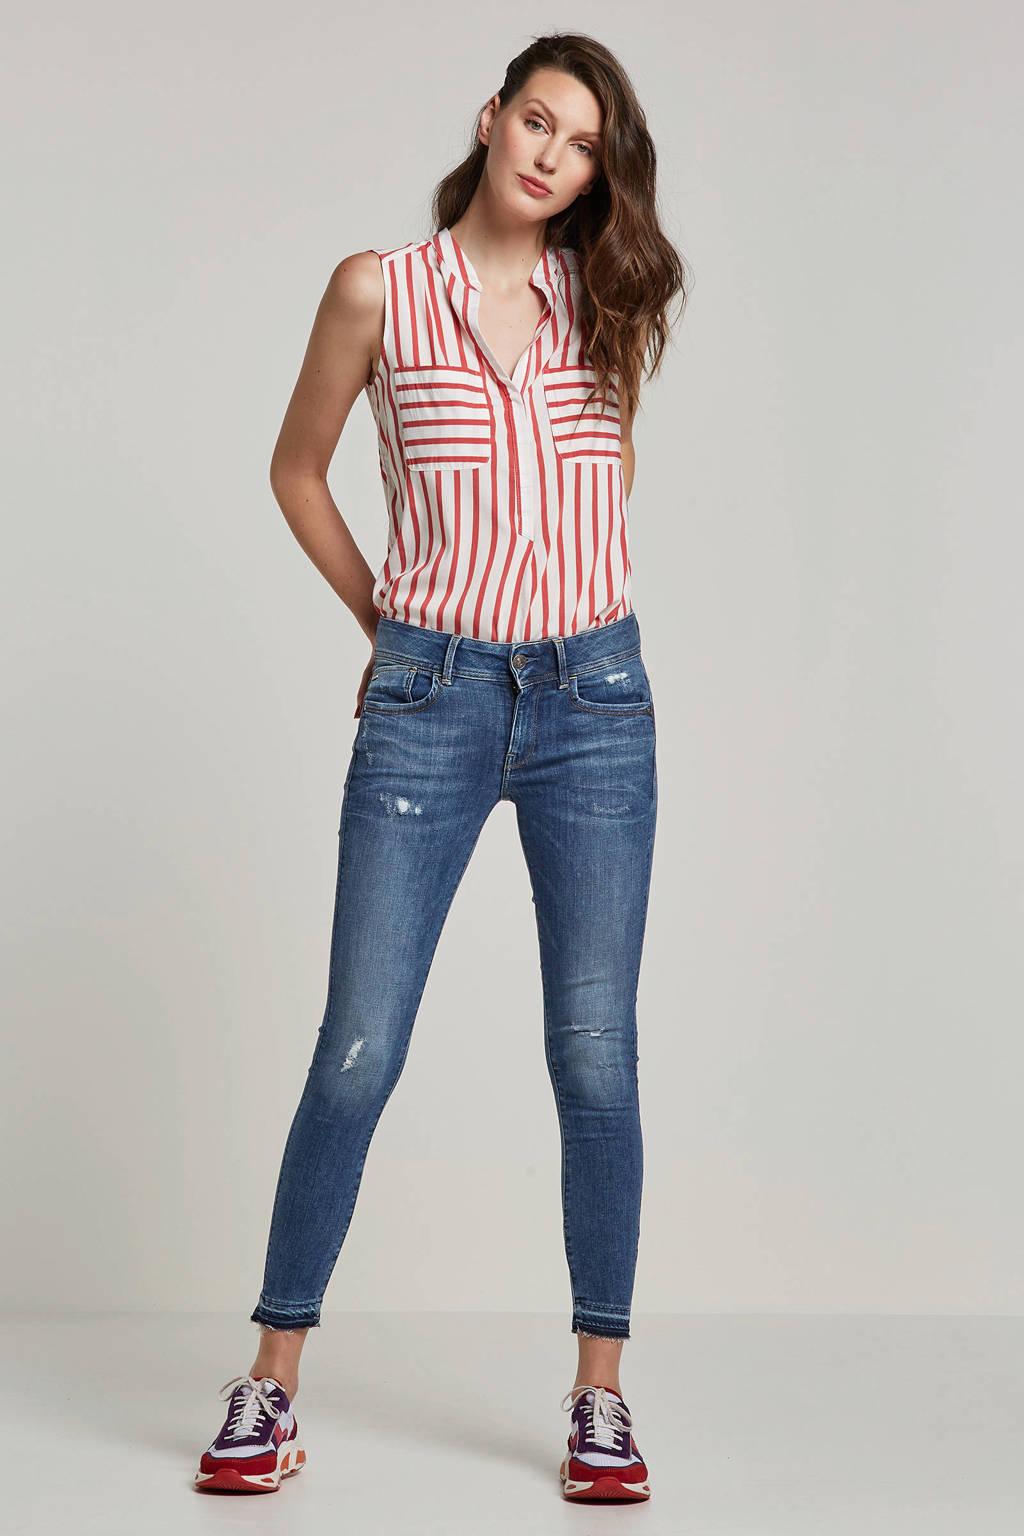 VERO MODA mouwloze top met strepen, rood/ wit